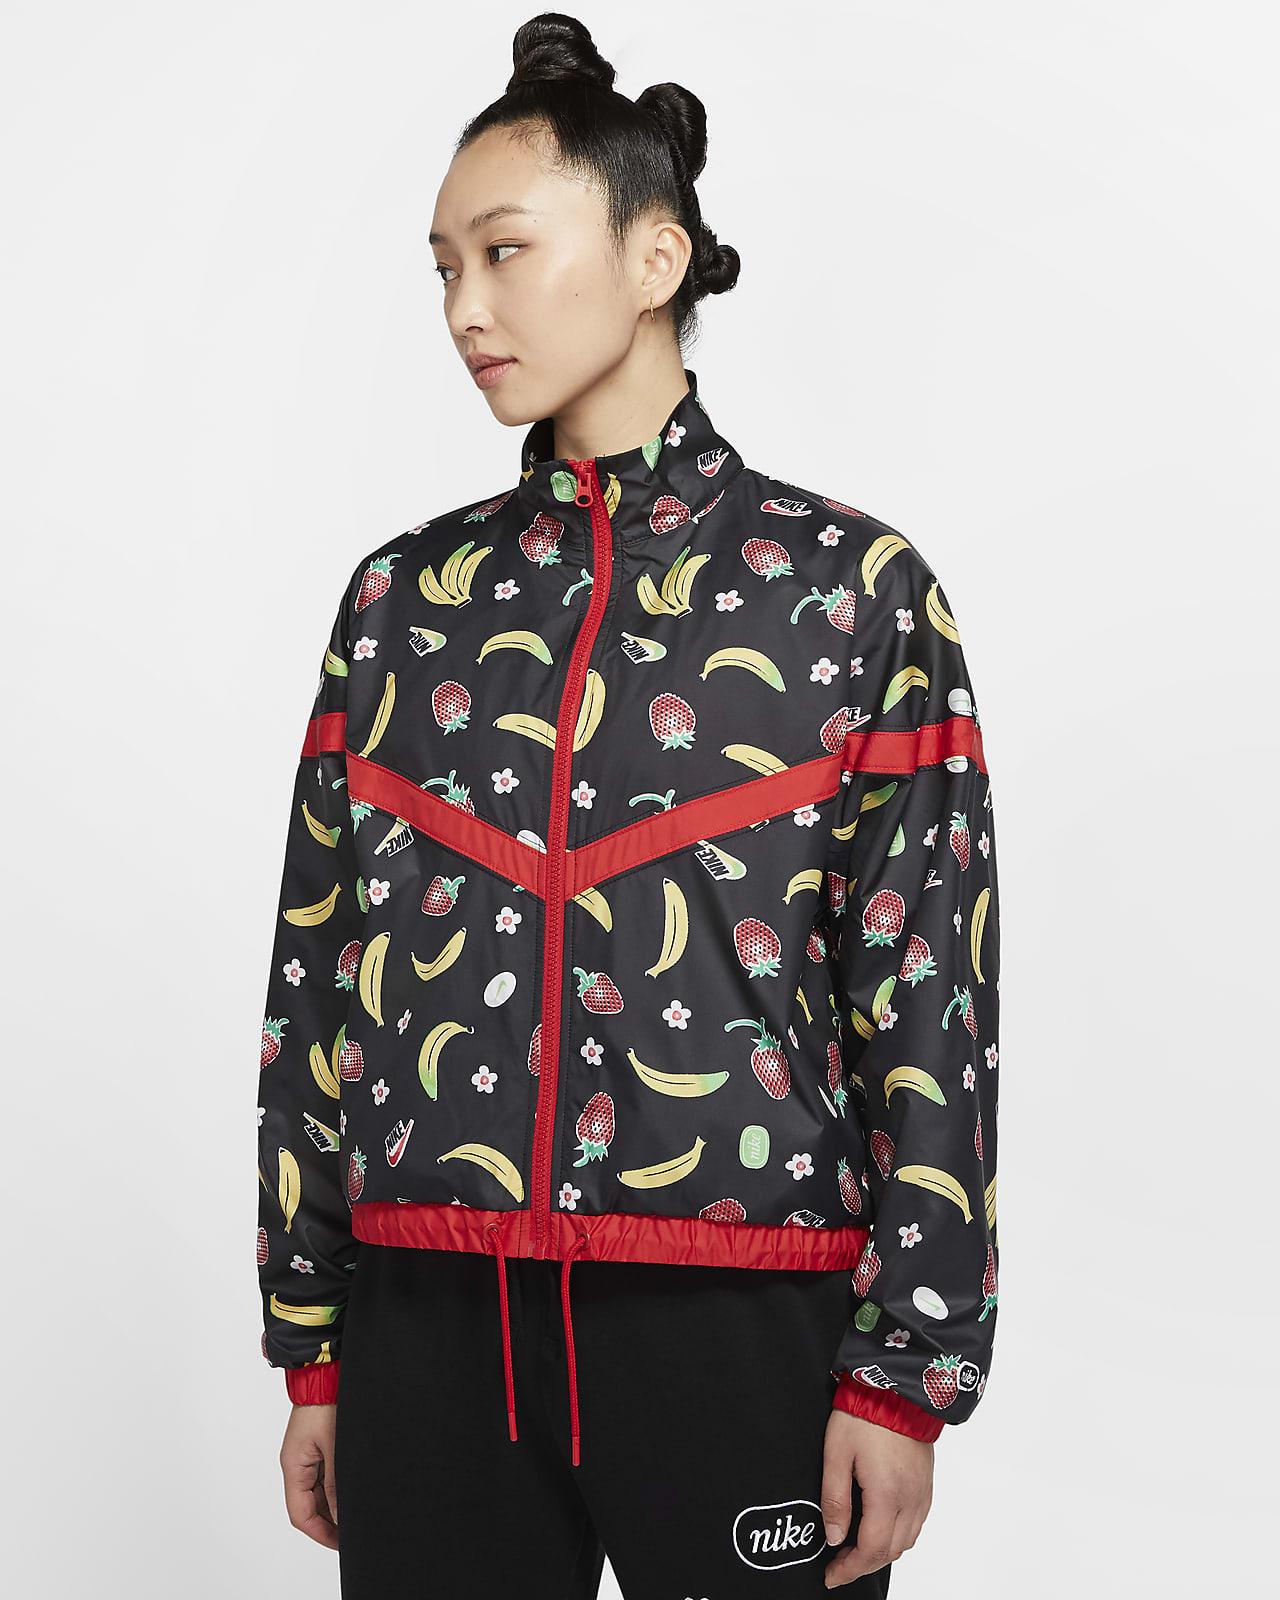 เสื้อแจ็คเก็ตผู้หญิงแบบทอพิมพ์ลาย Nike Sportswear